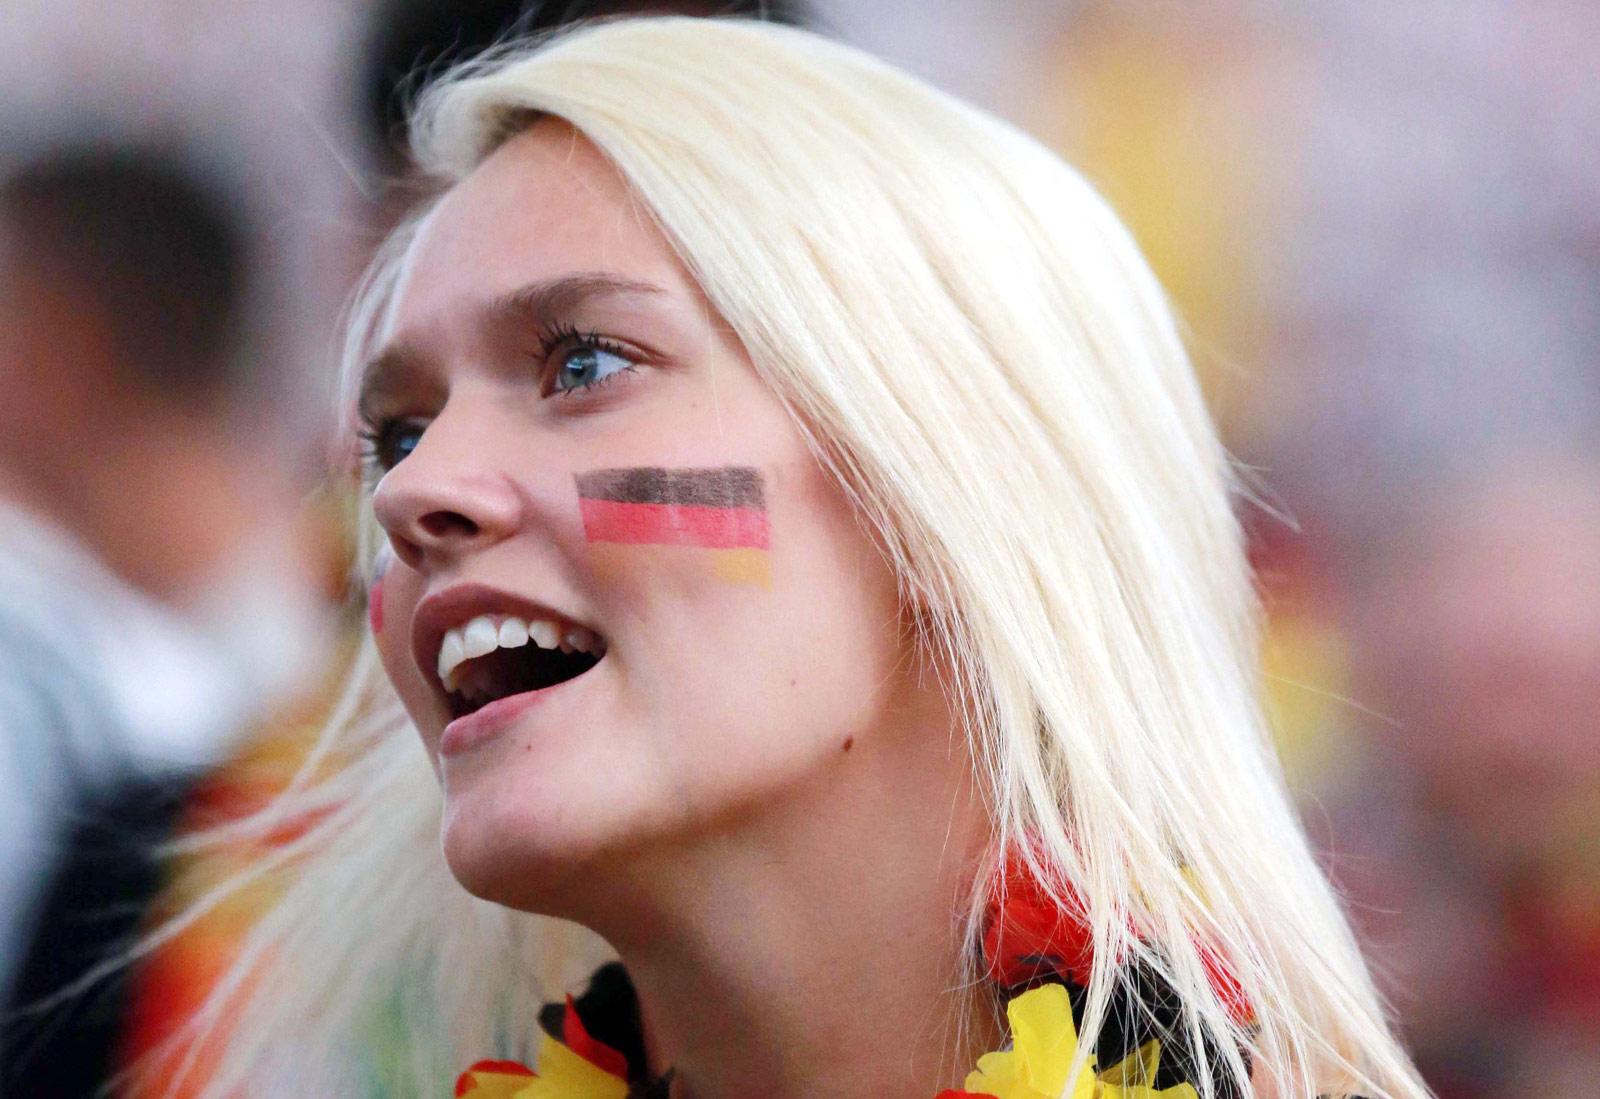 罗欢欢/2014世界杯:疯狂的球迷6月16日,一名德国女球迷在法兰克福...